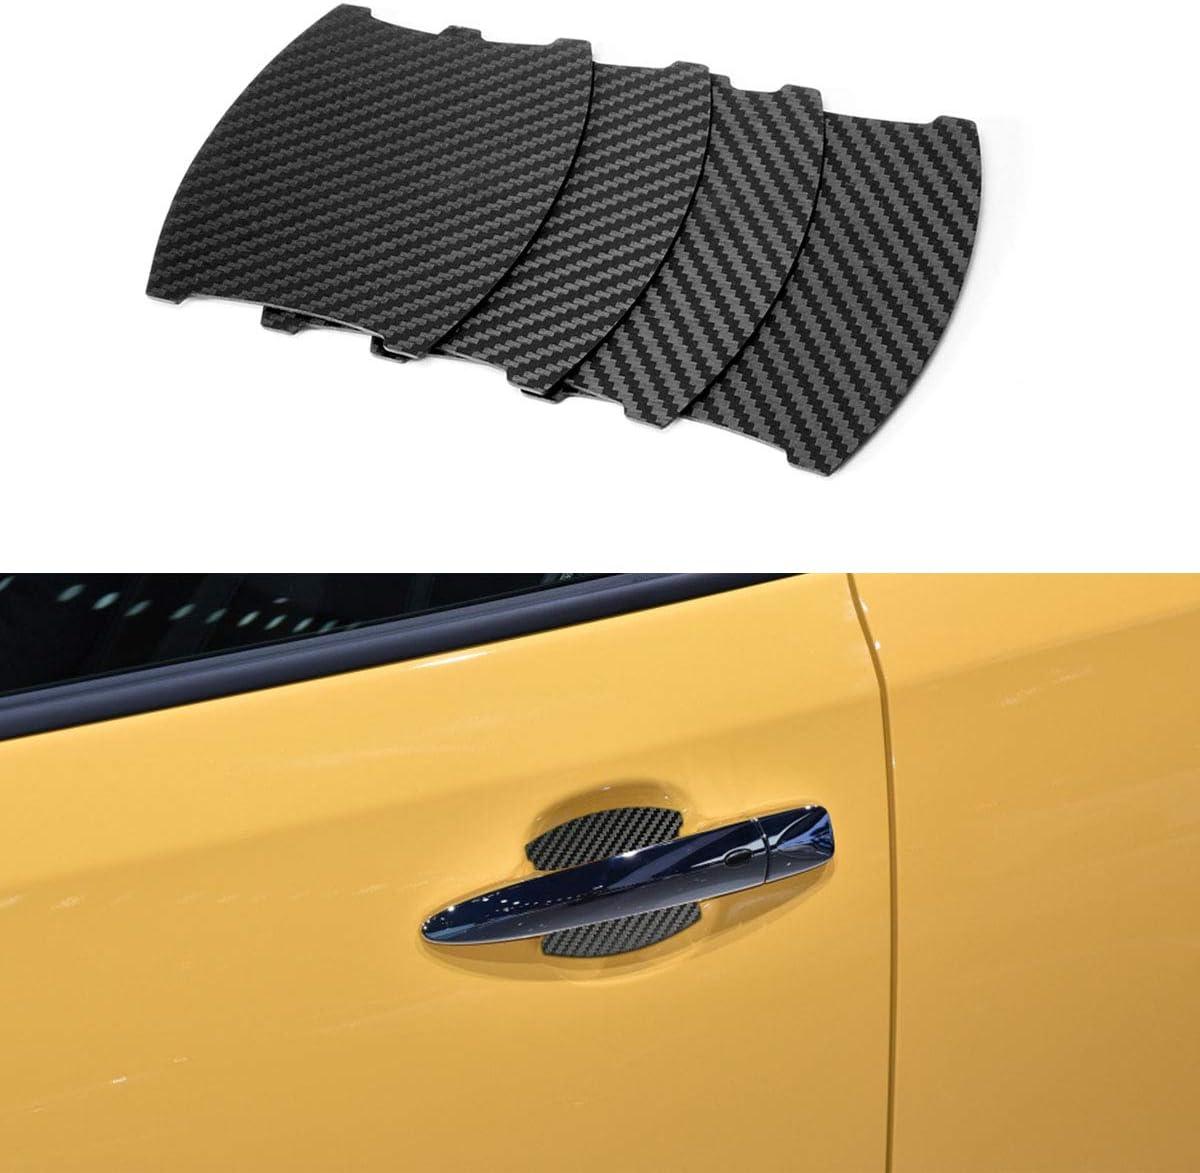 MLING 4pcs Voiture Poign/ée de Porte Insertion Magn/étique Couverture Anti Rayures Protecteur Compatible pour Leaf